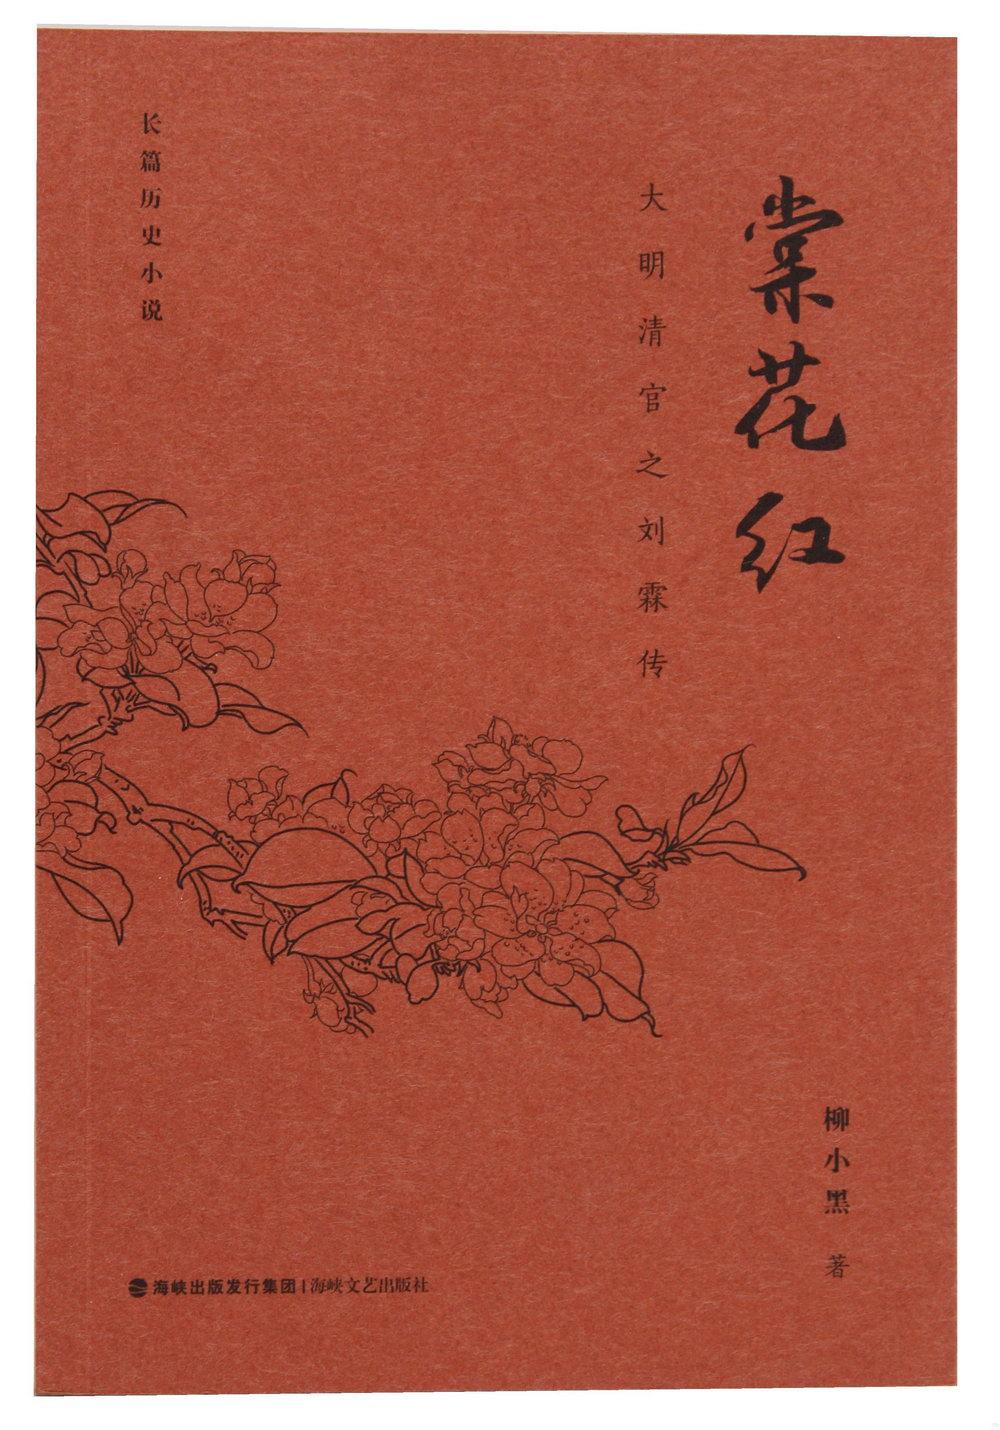 棠花紅:大明清官之劉霖傳